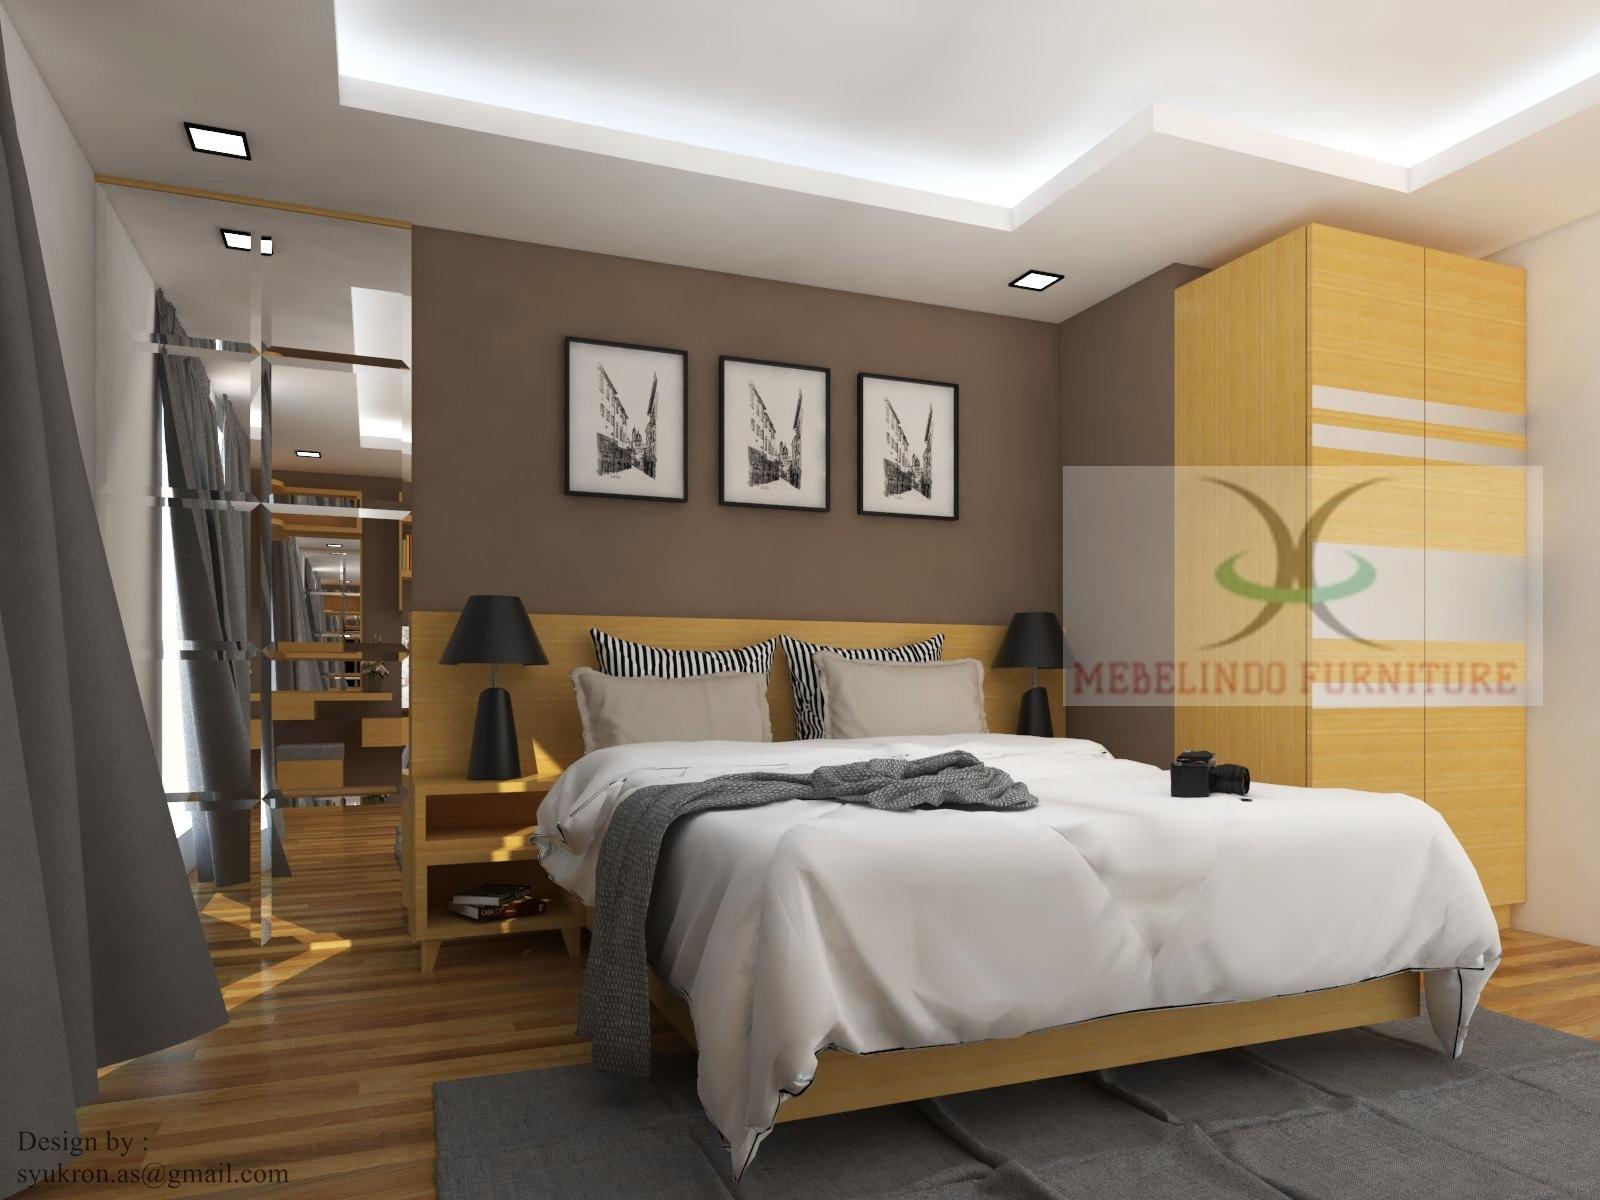 bedroom set design furniture. Hiasi Rumah Anda Dengan Design Furniture Interior Sesuai Keinginan Anda. Berikut Adalah Sample BEDROOM SET Yang Kami Buat Untuk Beberapa Bedroom Set